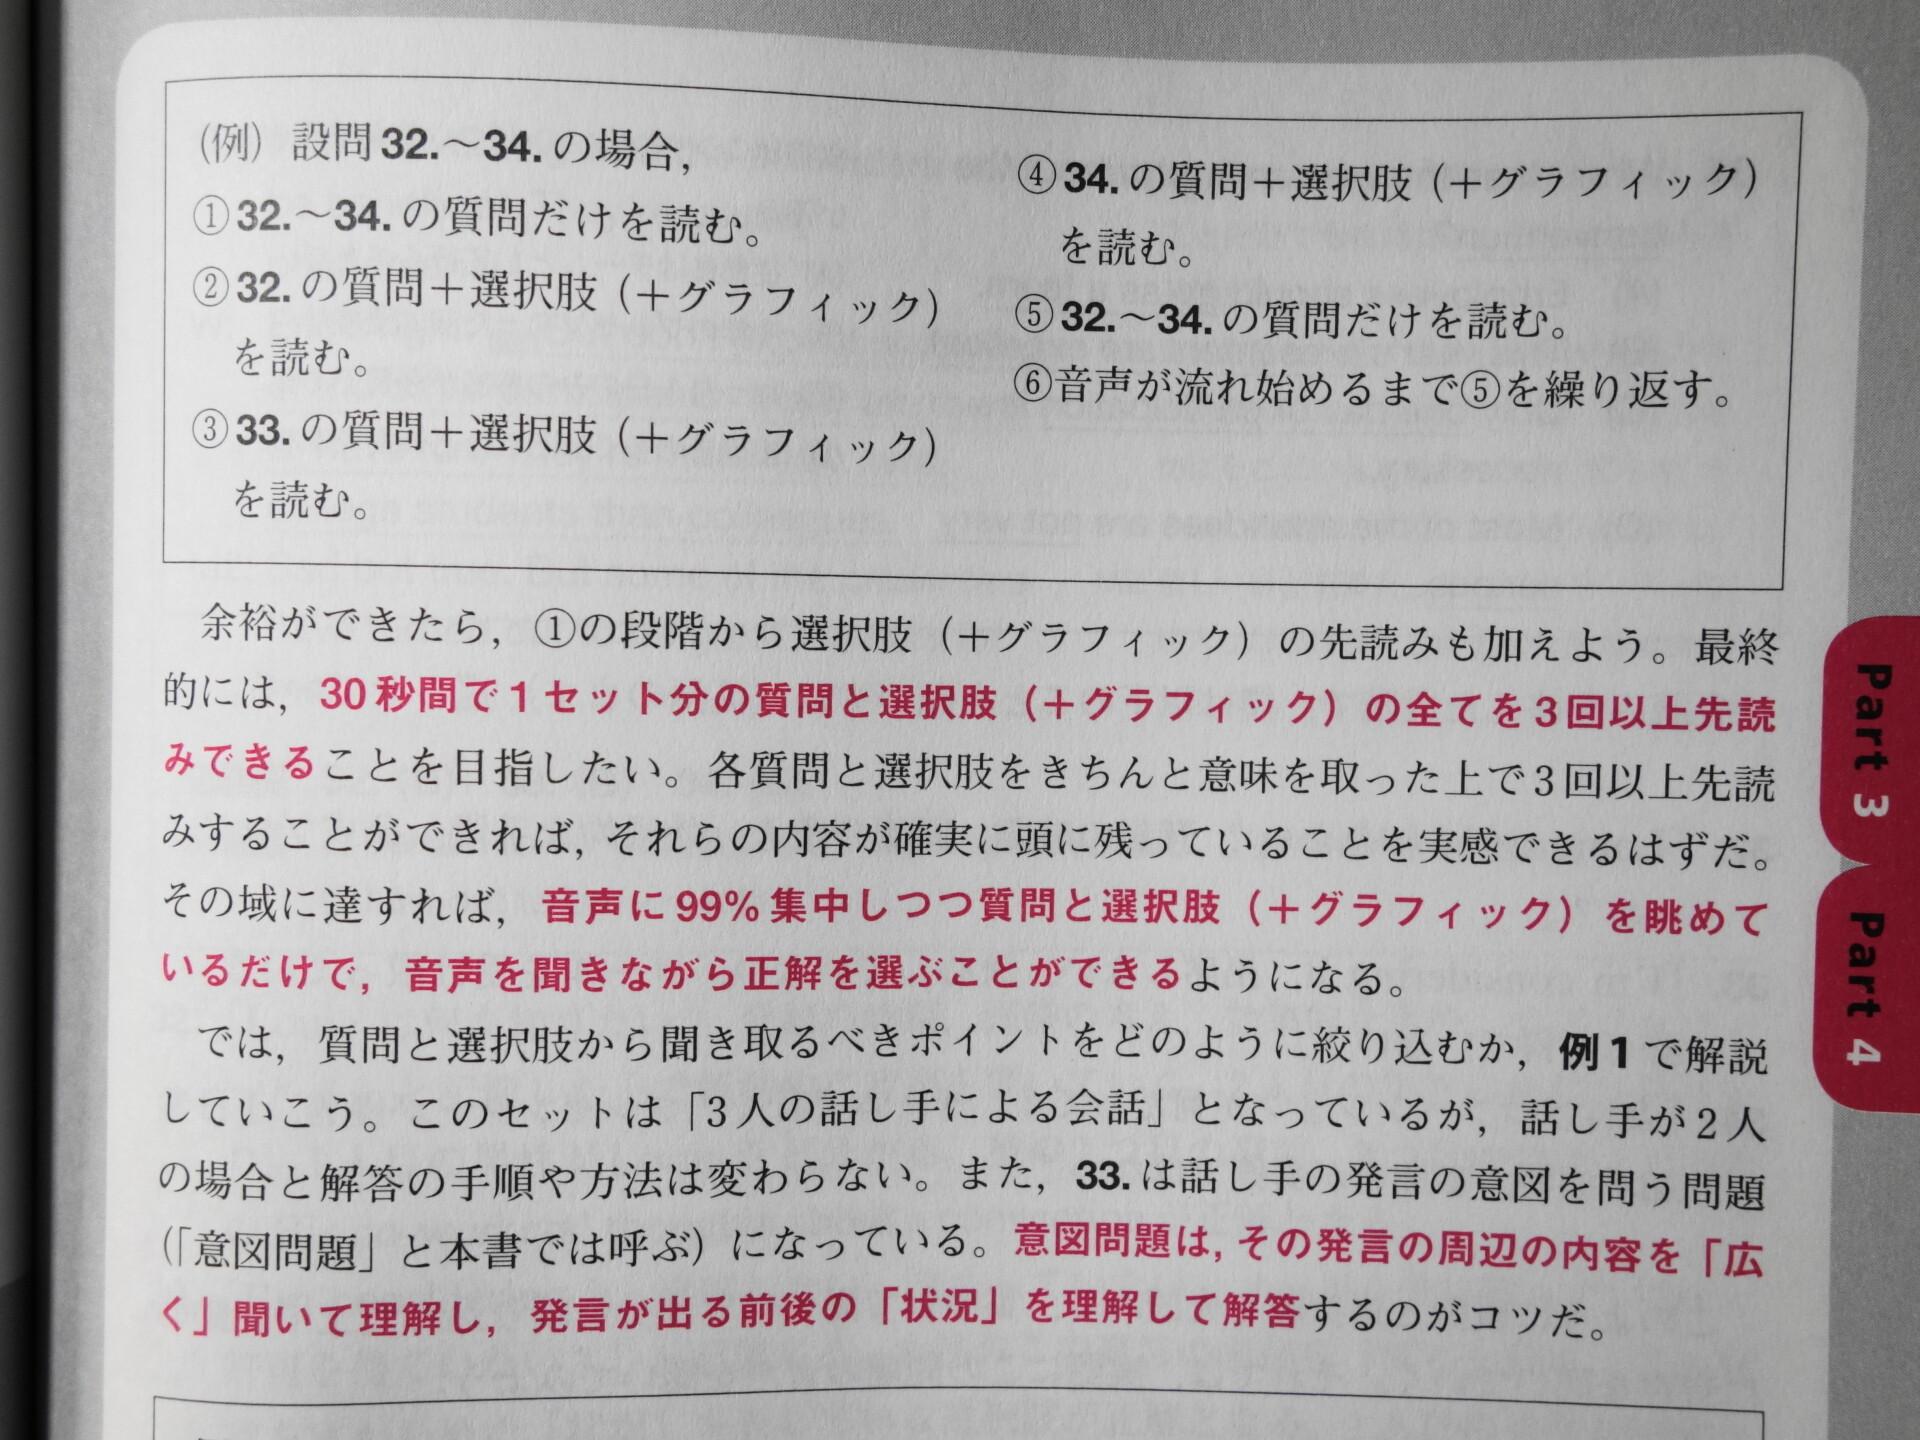 TOEICパート3&4の先読みについての記述